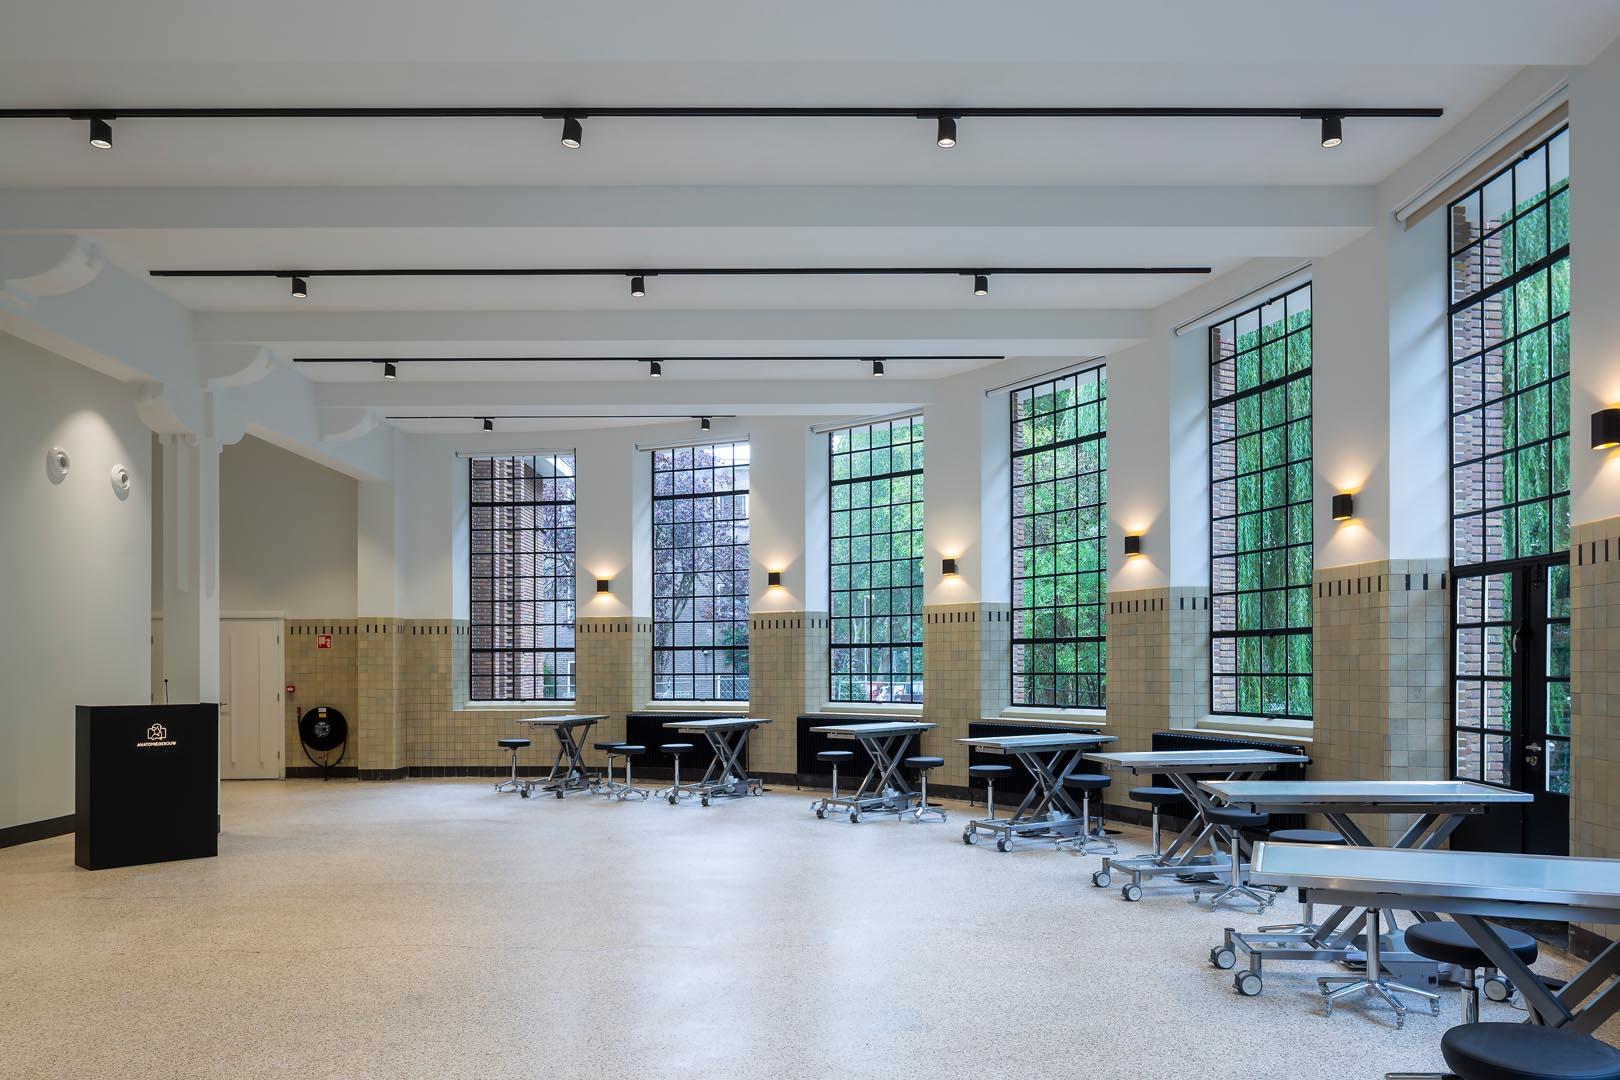 anatomiegebouw-utrecht-transformatie-gemeentelijk-monument-1620×1080-11